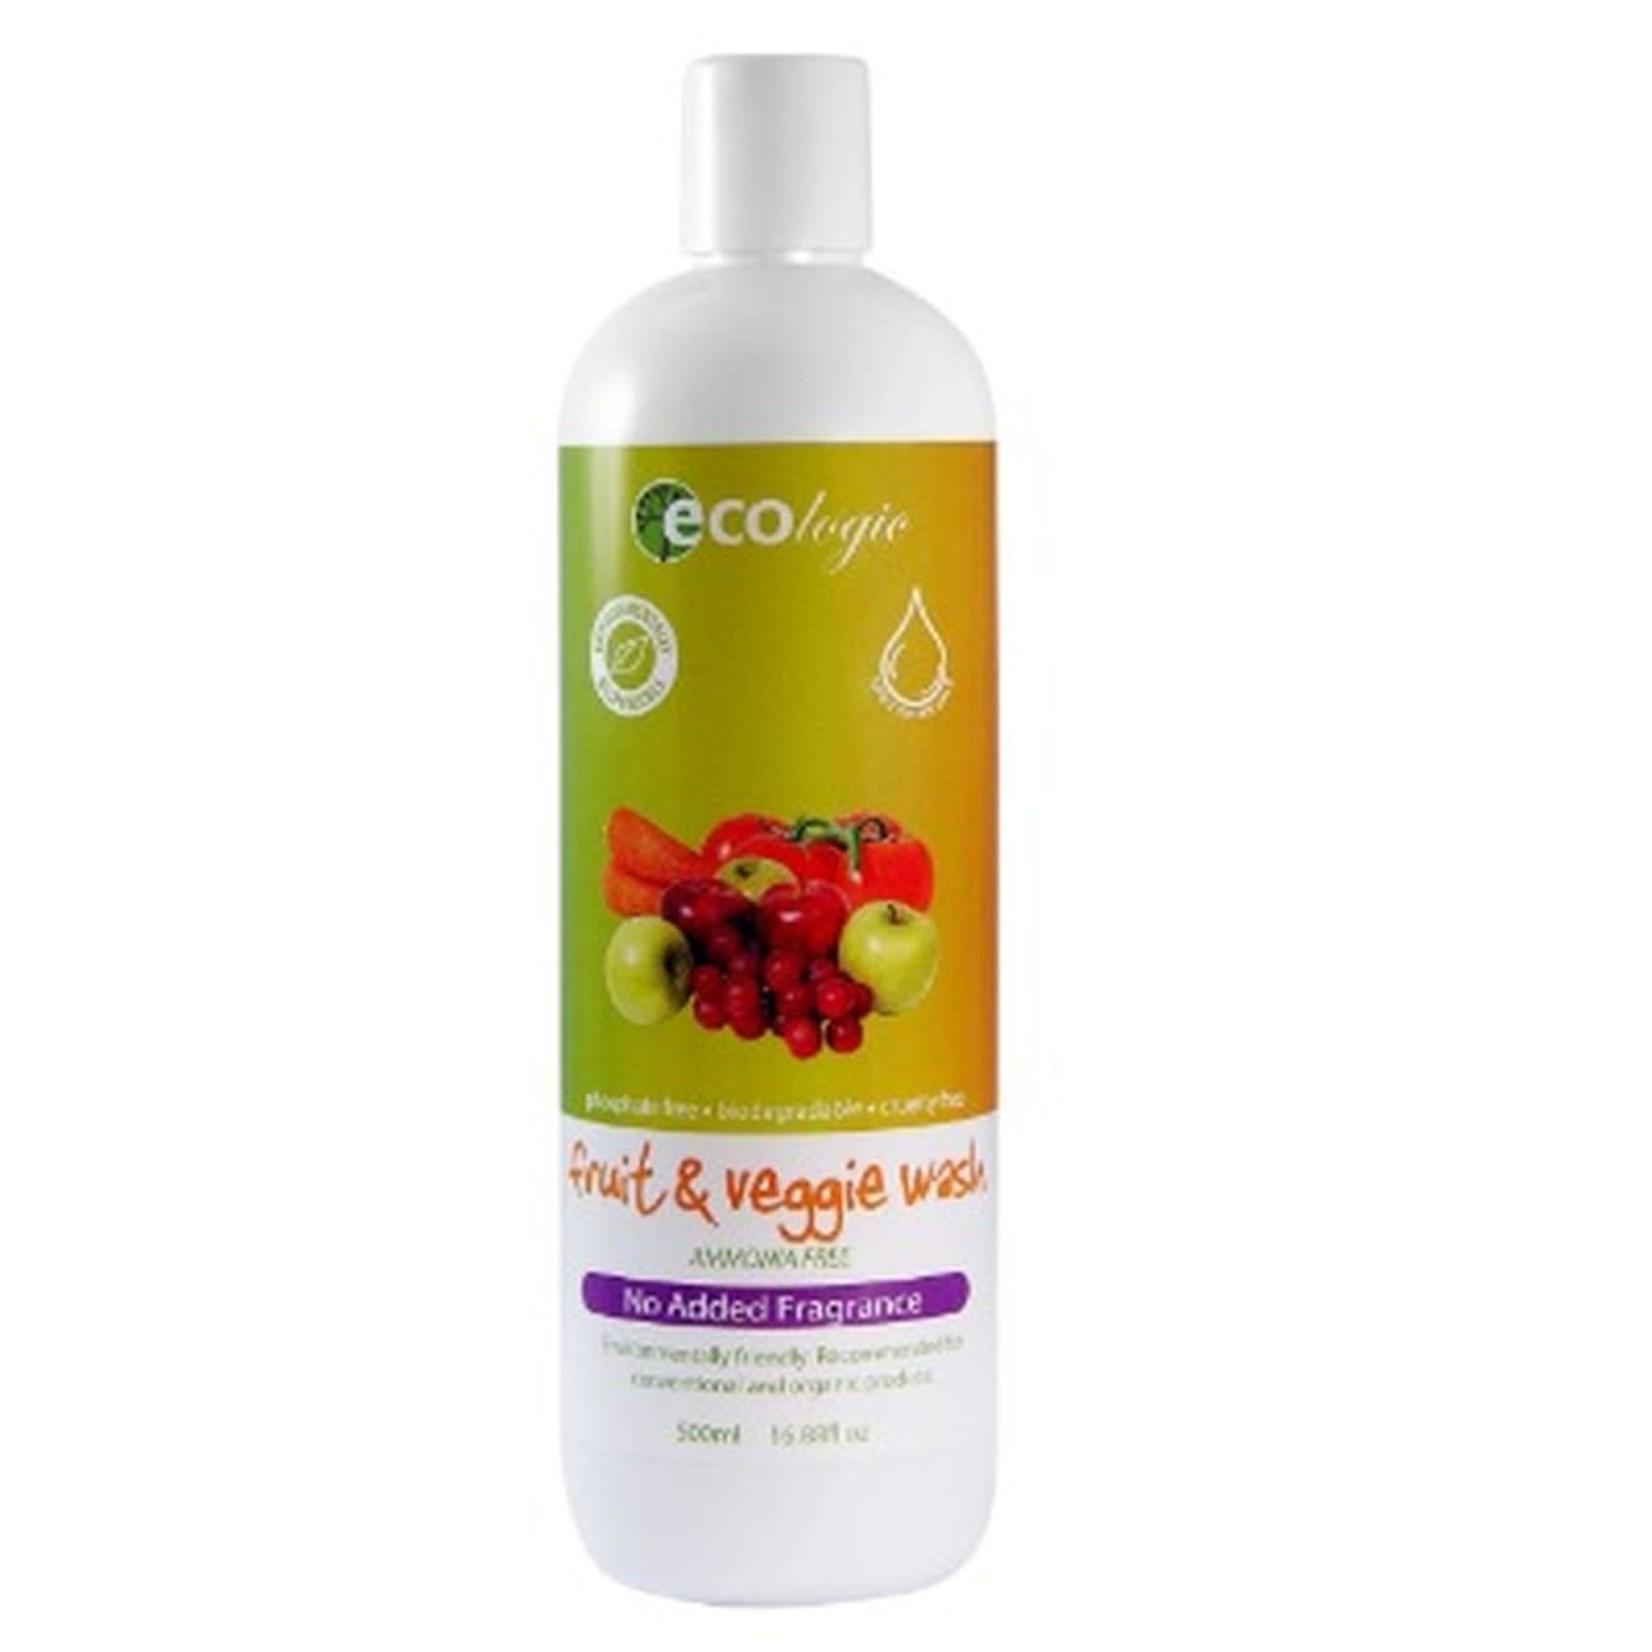 Ecologic Ecologic Fruit & Veggie Wash 500ml